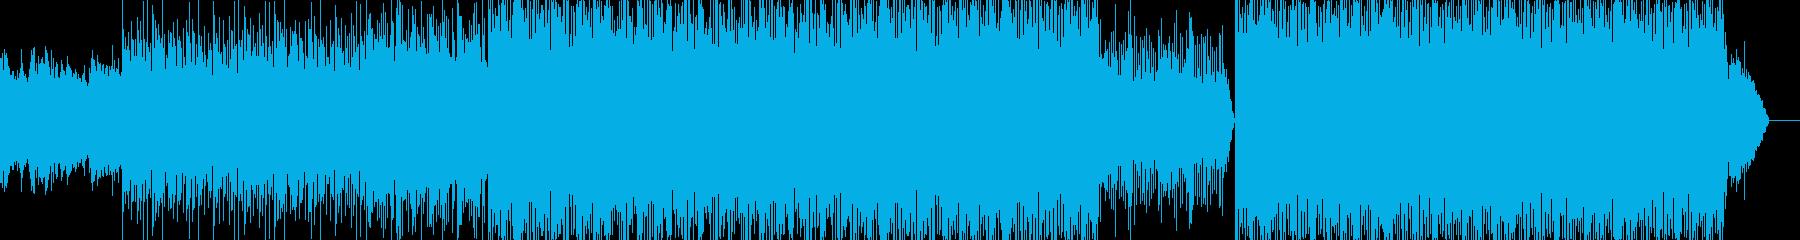 コマーシャル用の音楽。ポップレゲエ...の再生済みの波形